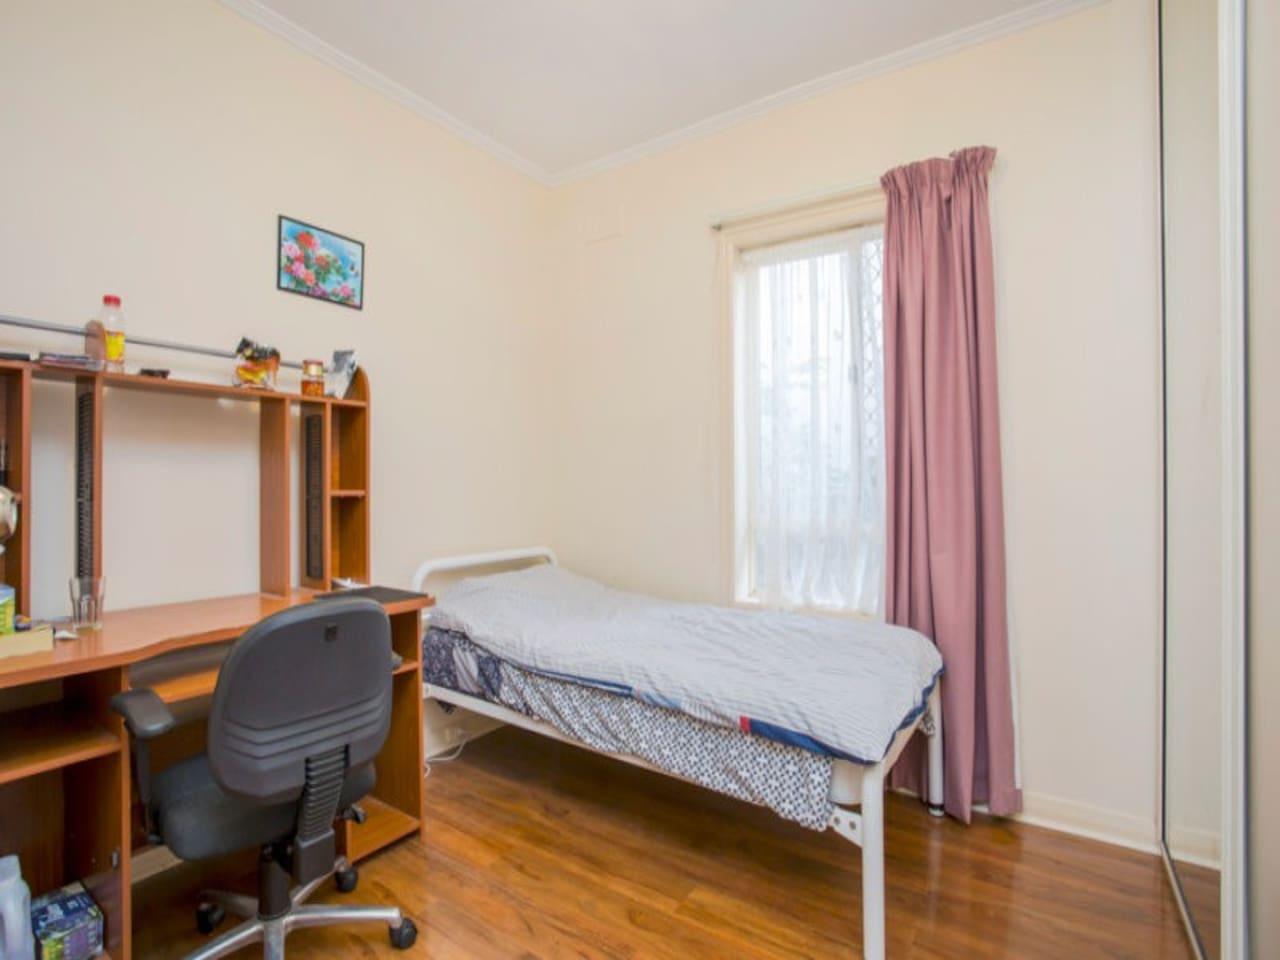 可供出租的单人房, 内置书桌,衣橱等家具。